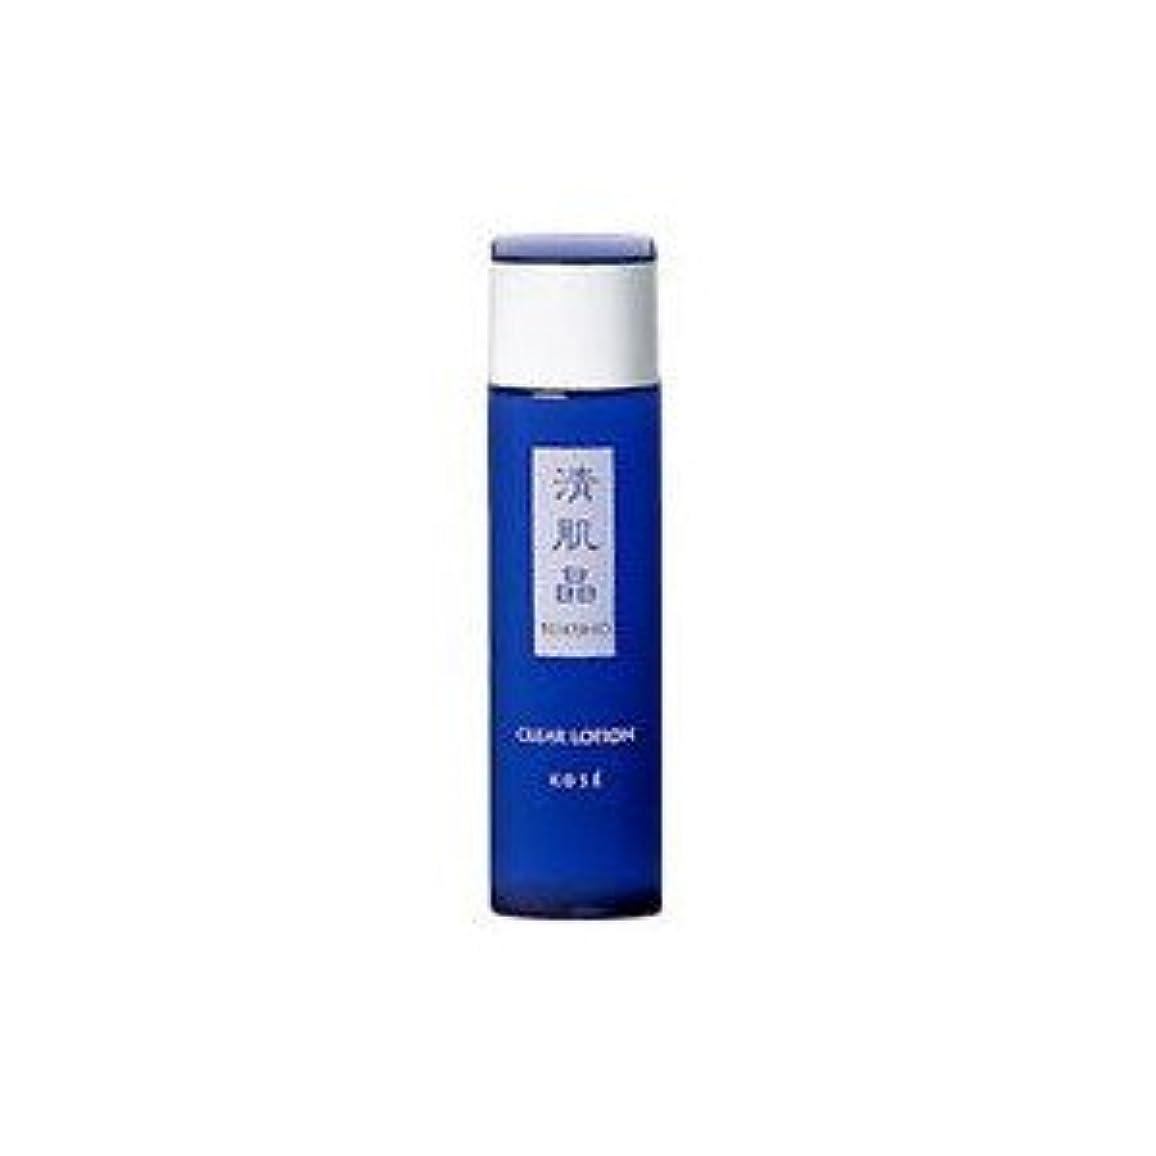 あごしなやかな気まぐれなコーセー 清肌晶 クリア ローション 150ml 化粧水 アウトレット